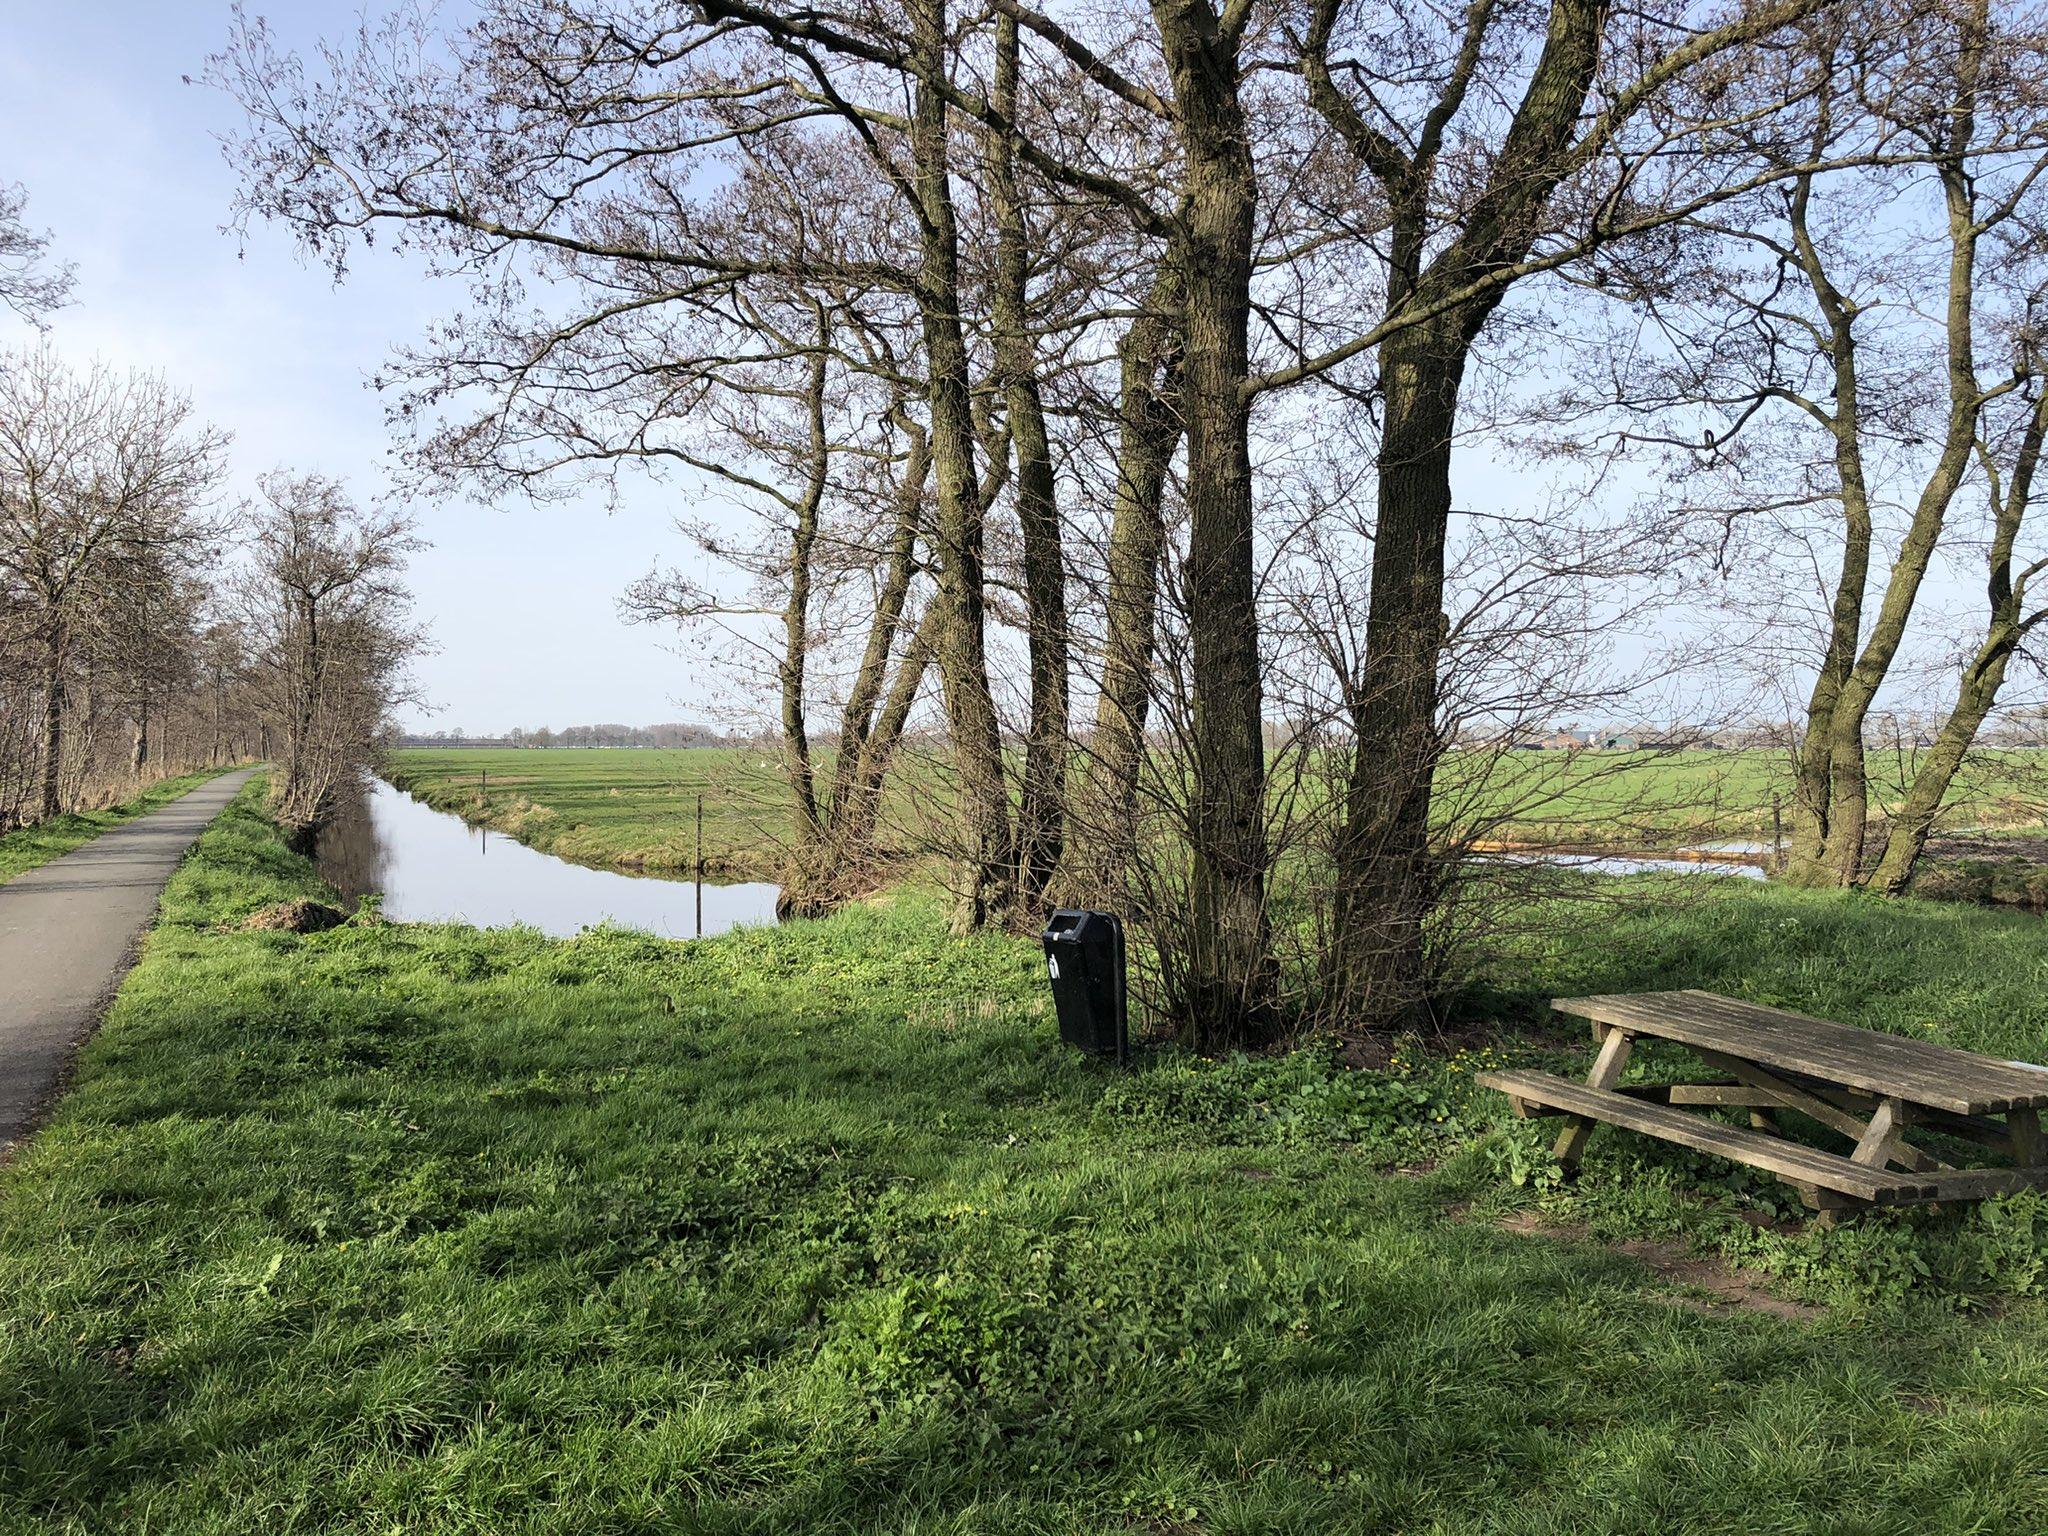 rt-groenehartstoc1-wandelbankjes-langs-het-pelgrimspad-aan-de-dammekade-nabij-bodegraven-maar-wel-in-mooialphen-https-t-co-dl7ljb5